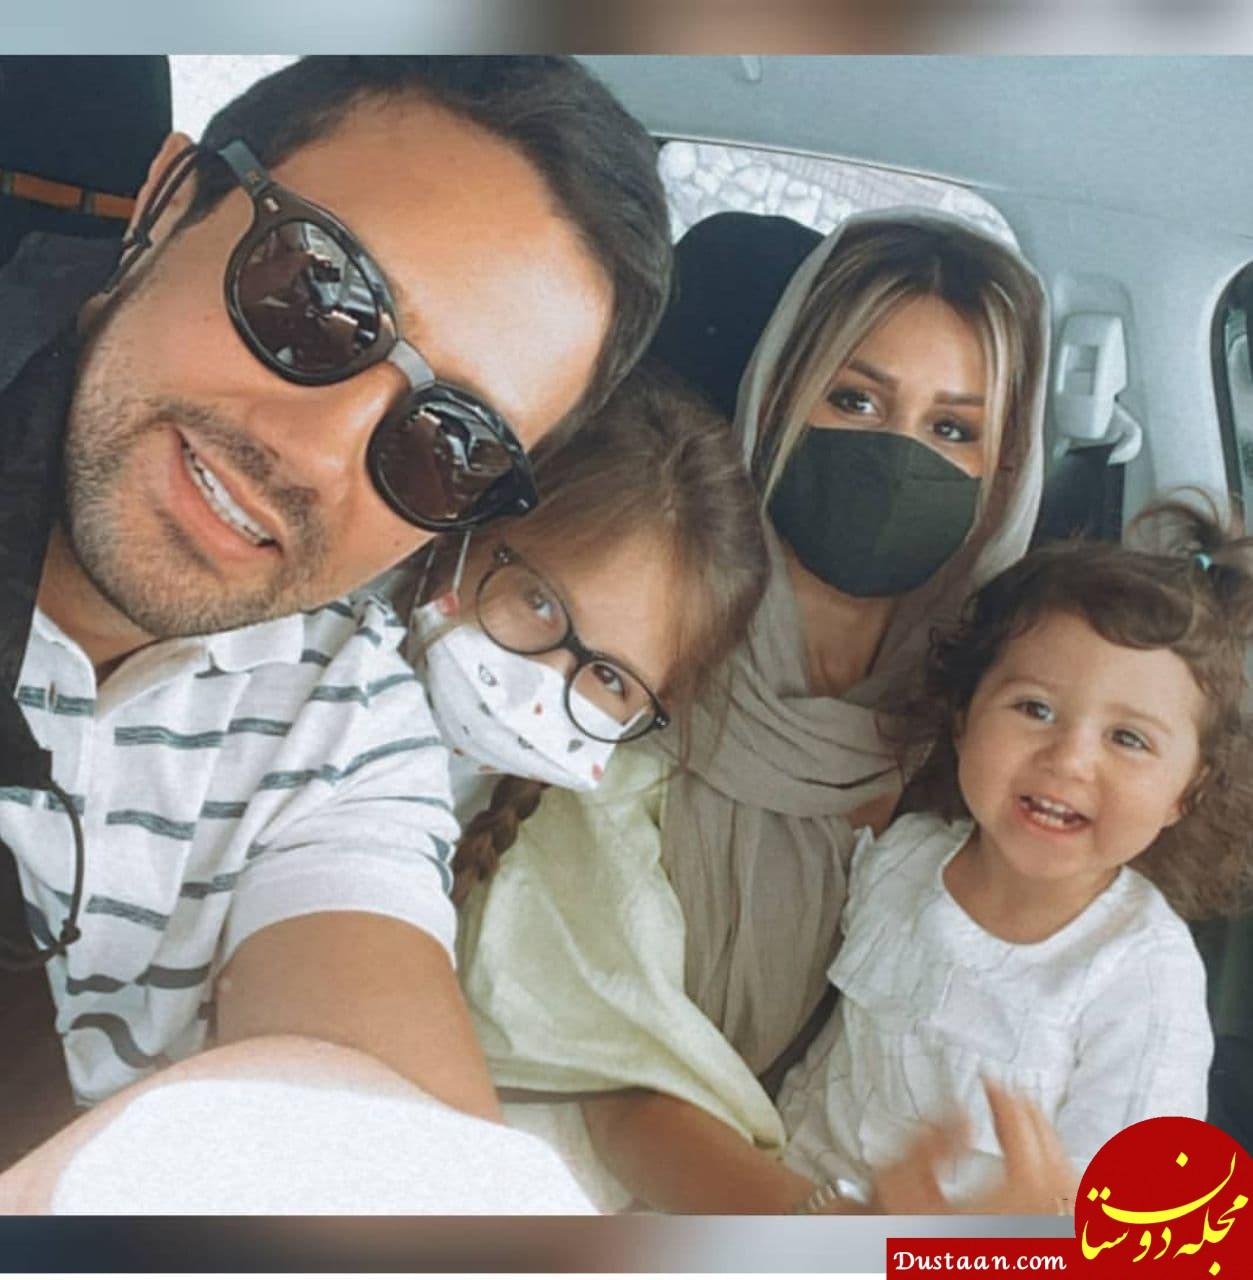 بیوگرافی شاهرخ استخری ،همسر و دخترانش پناه و نبات